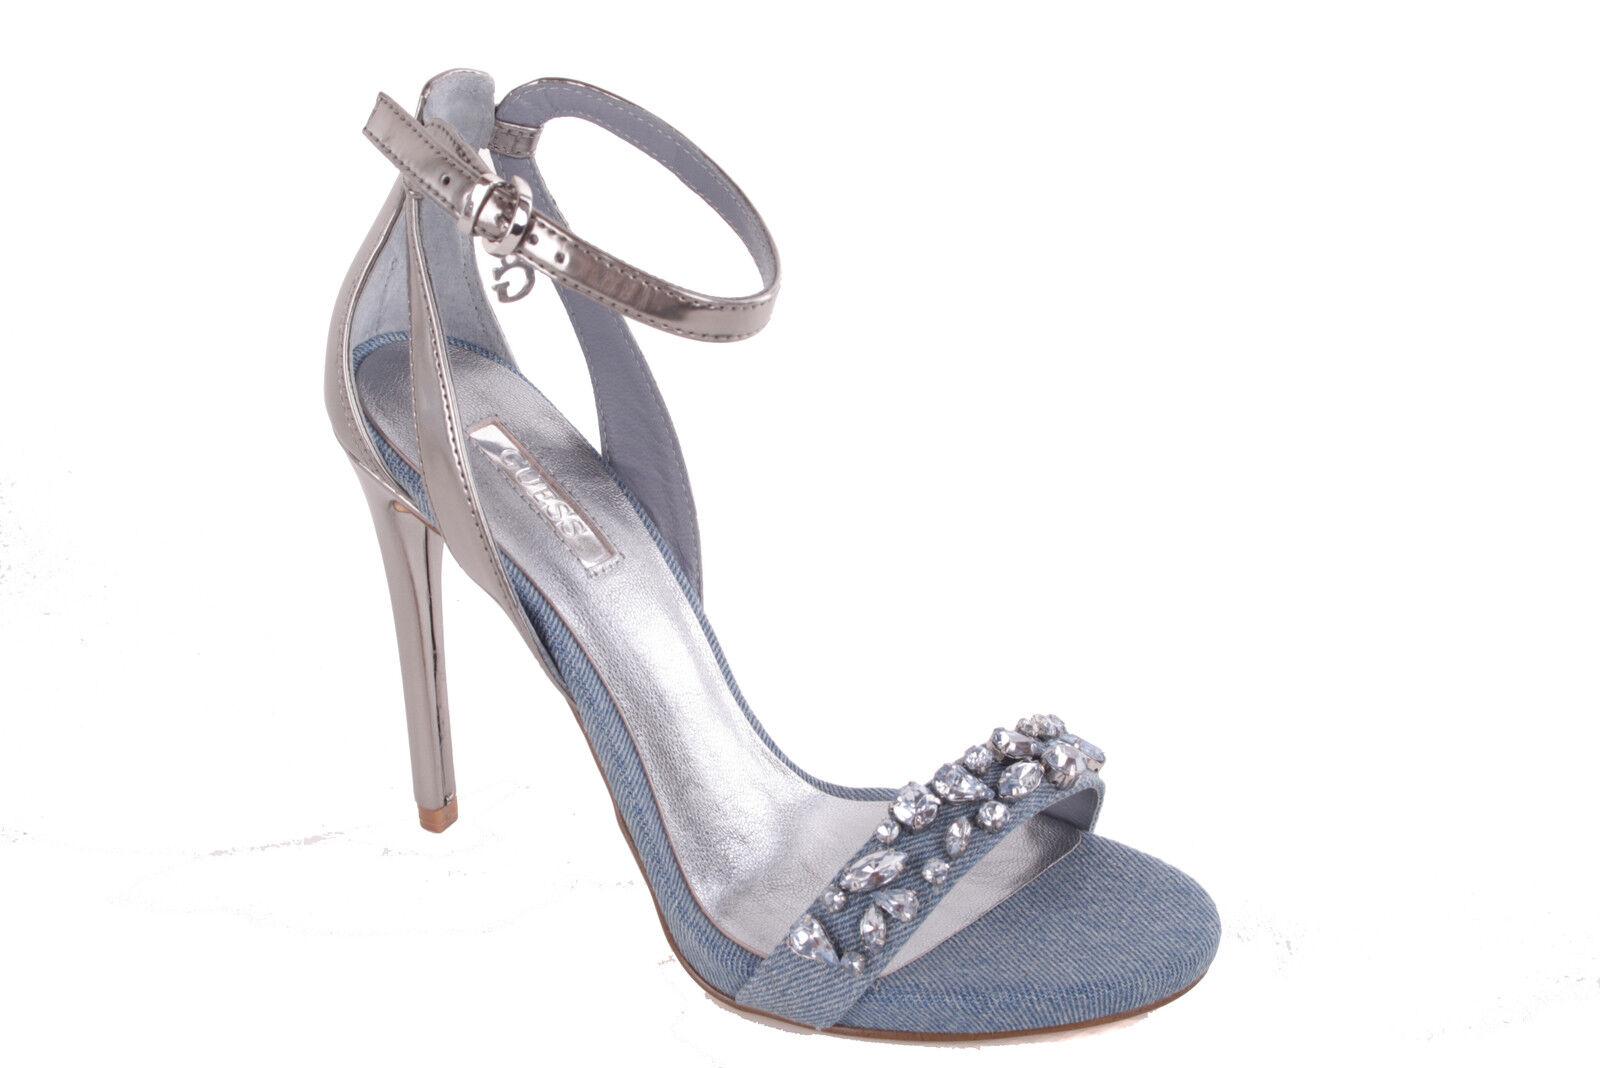 GUESS Riemchensandalen Damen Pumps Highheels Stilettos Riemchensandalen GUESS Jeansblau #614 364a01